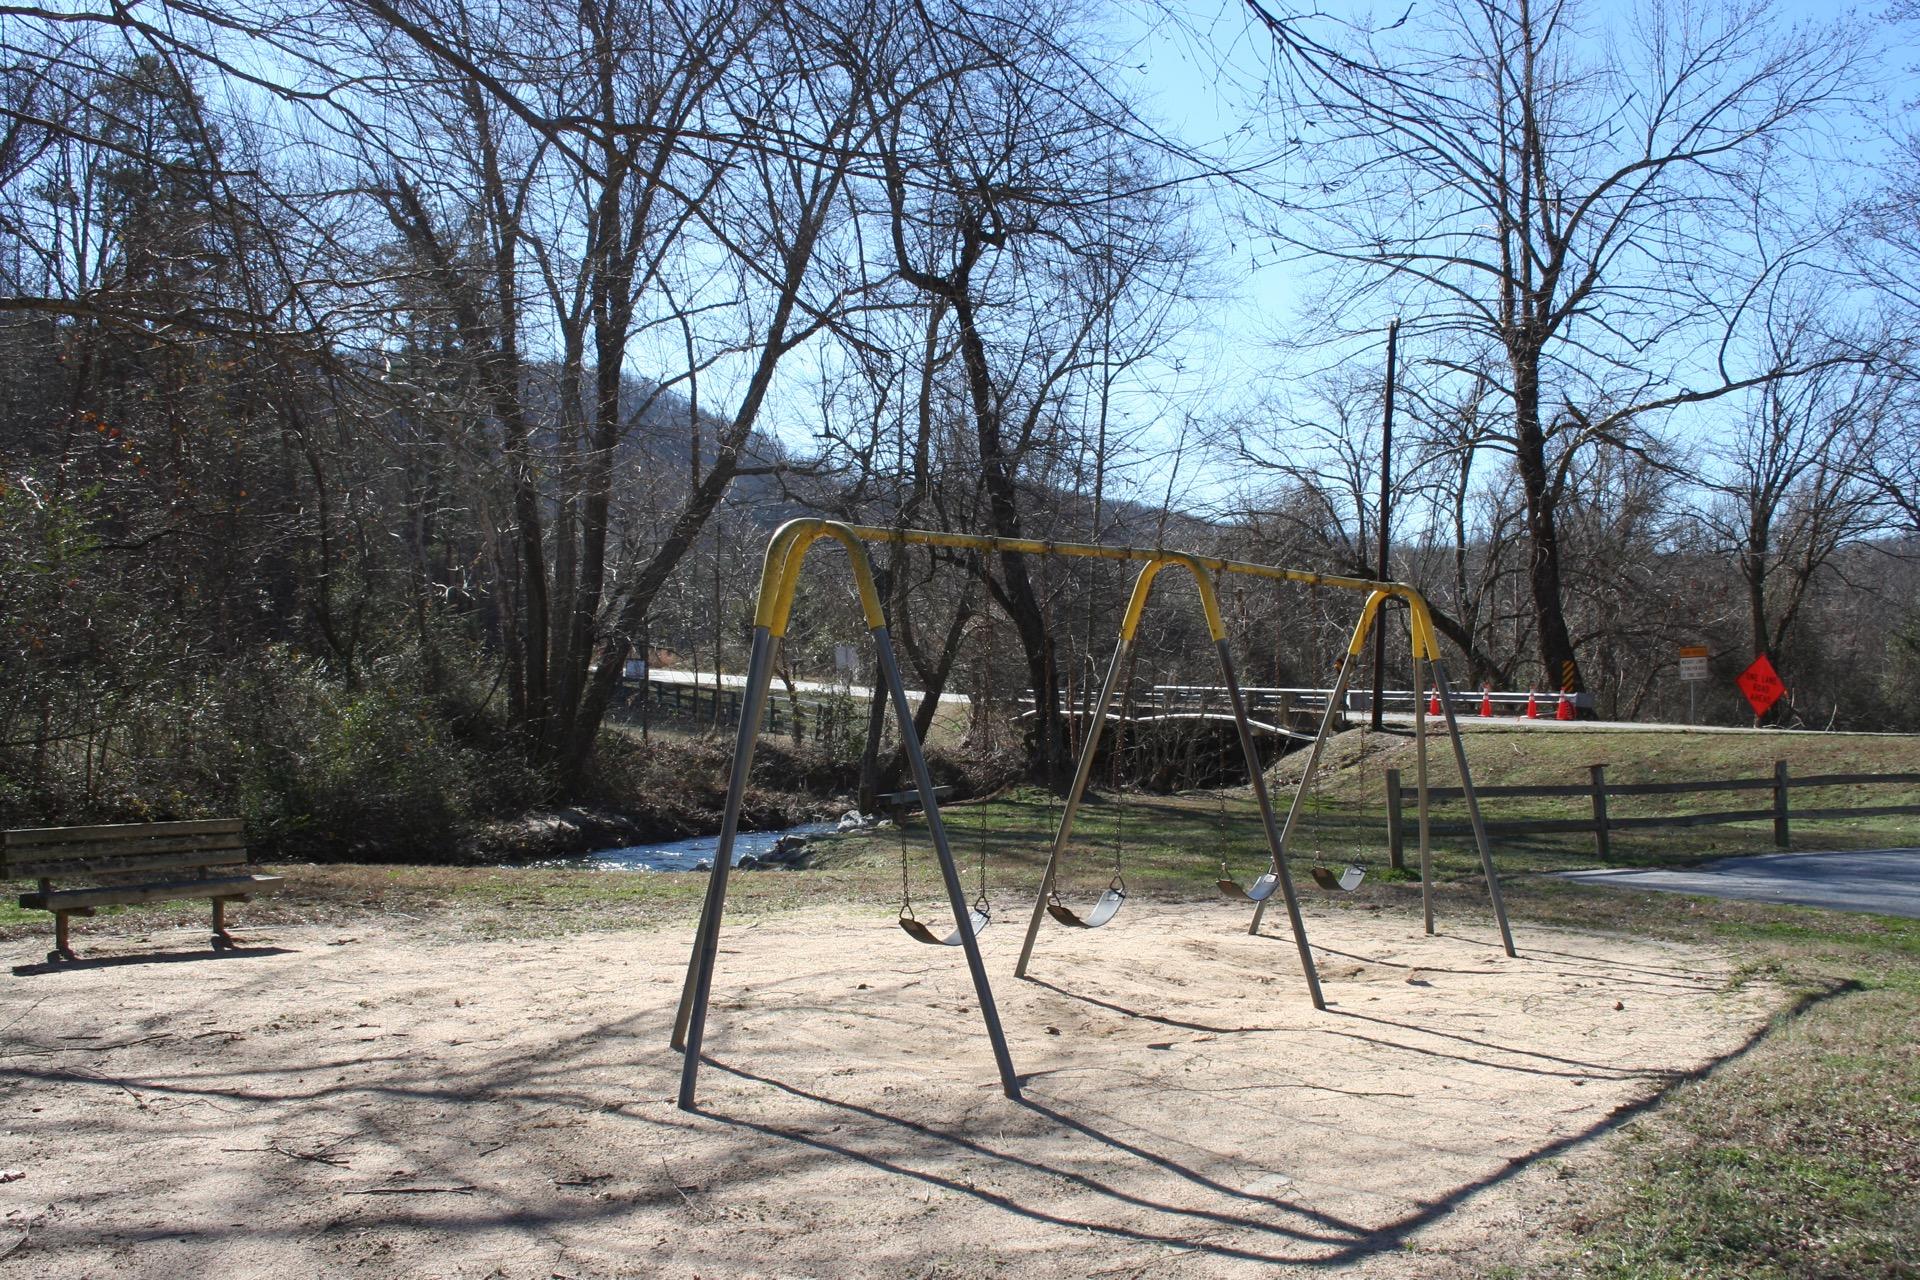 les mullinax playground